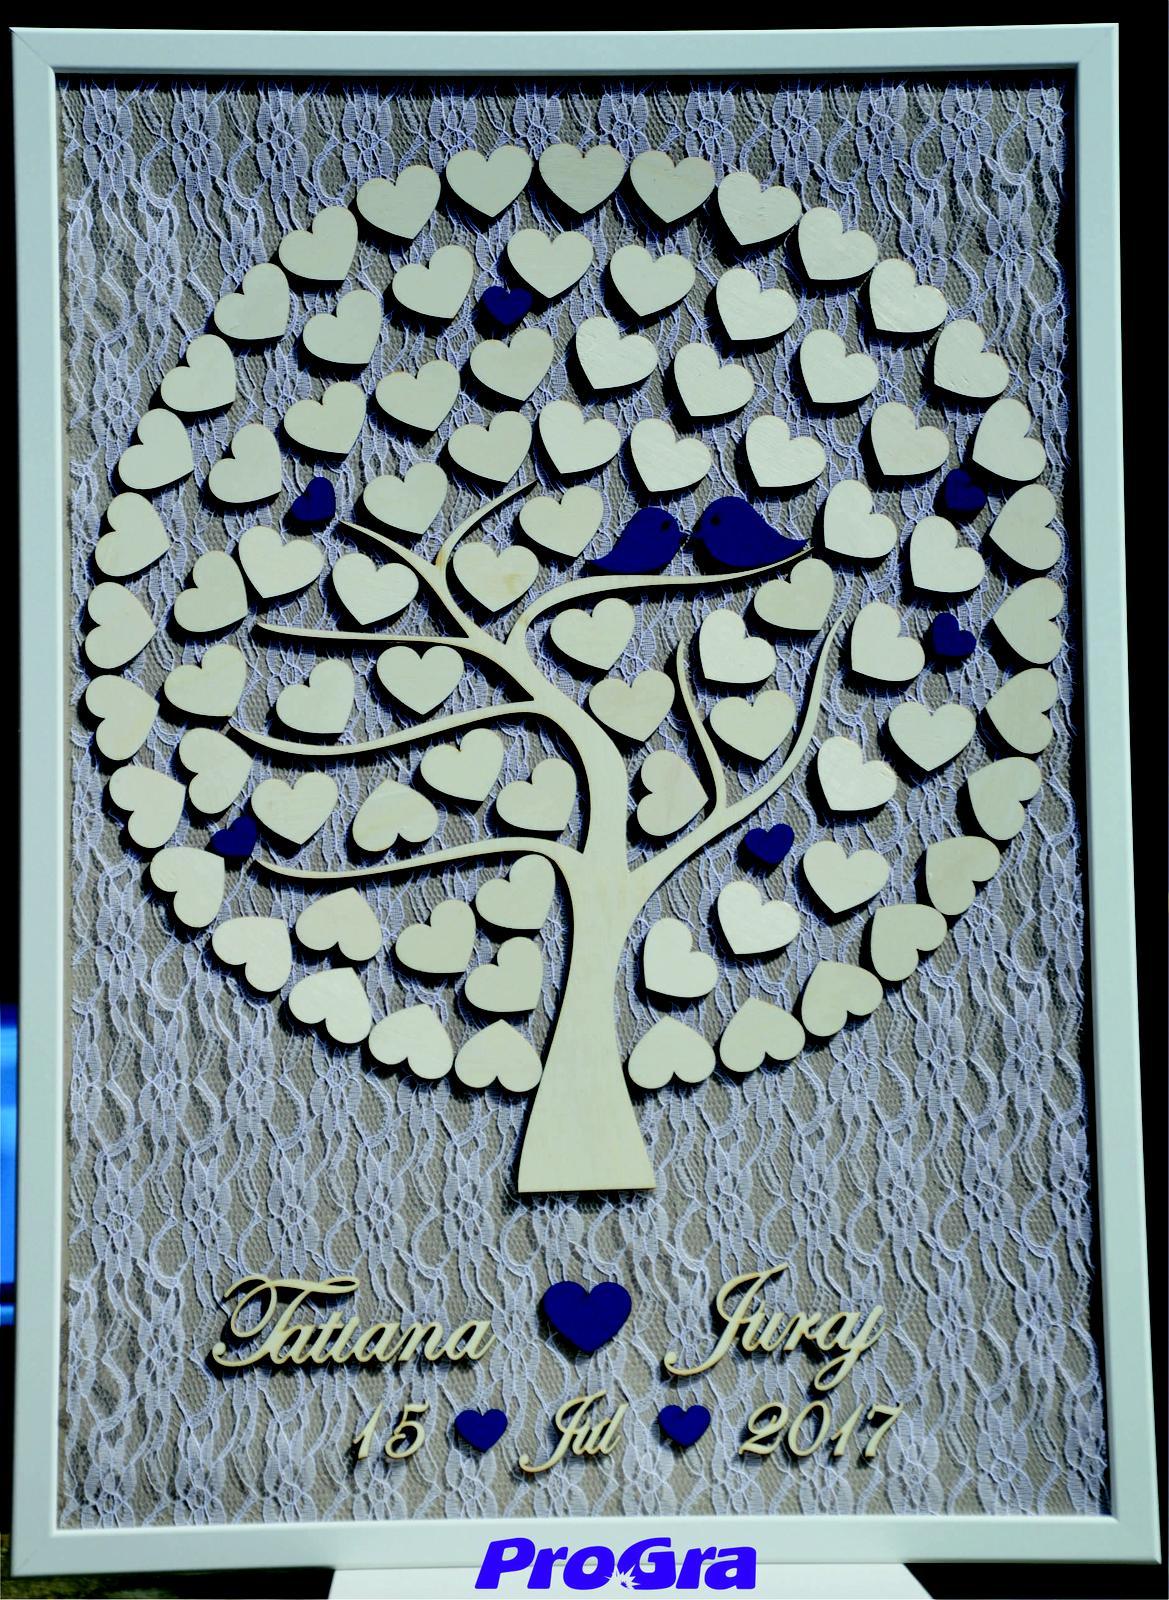 Originální Svatební Doplňky - Svatební strom v modré barvě vytvořený podle požadavků svatebního páru